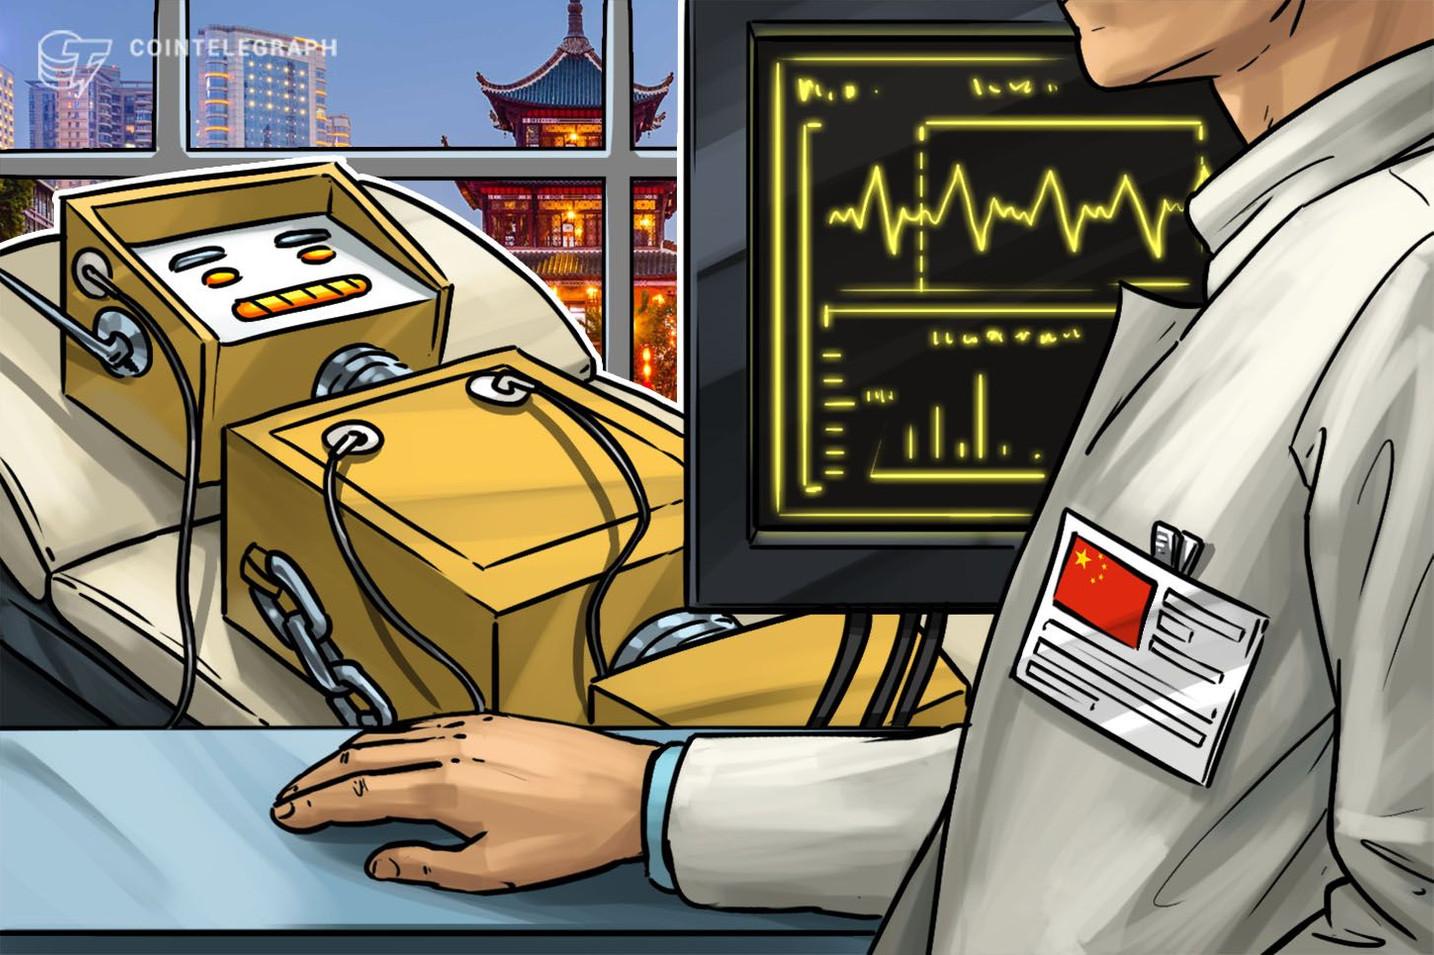 中国・青島市、ブロックチェーン技術の「金融開放先行区」目指す【アラート】